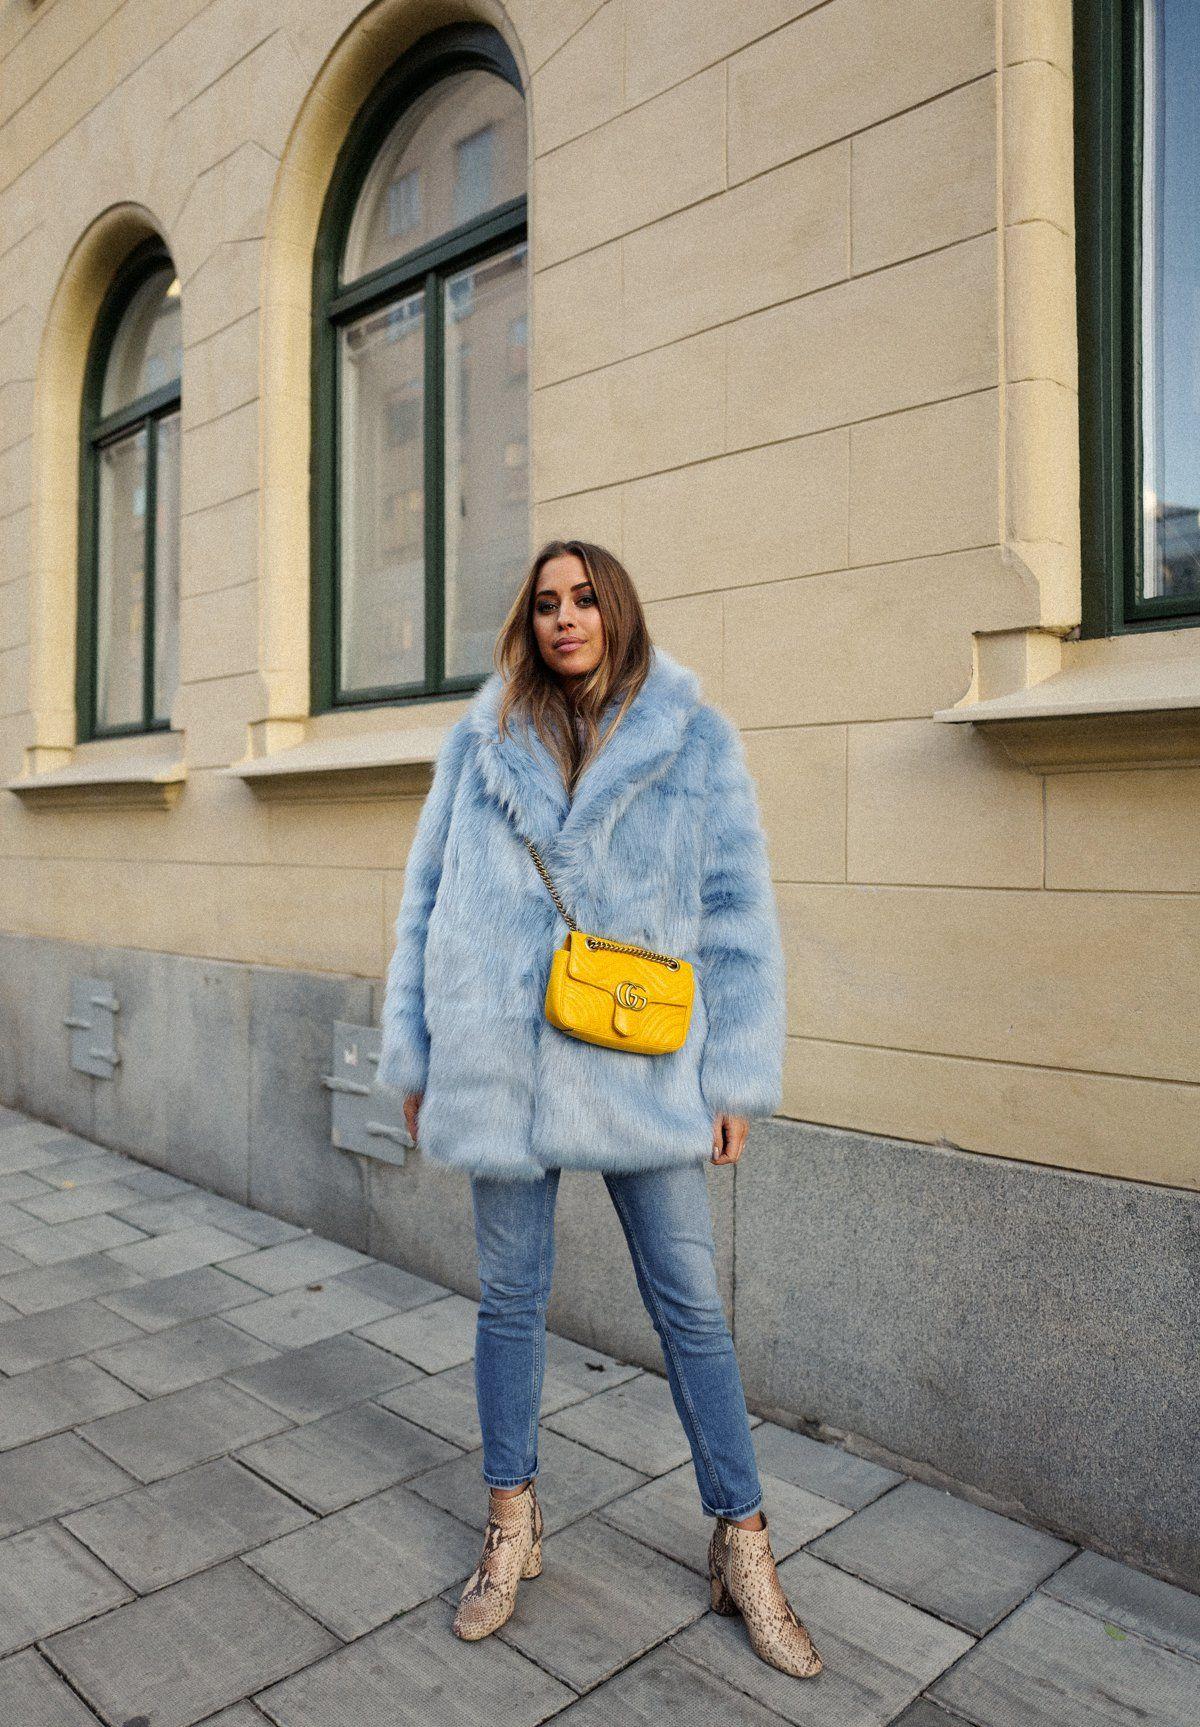 FASHION BLOGGER STYLE - KENZA   Fashion blogger style ...